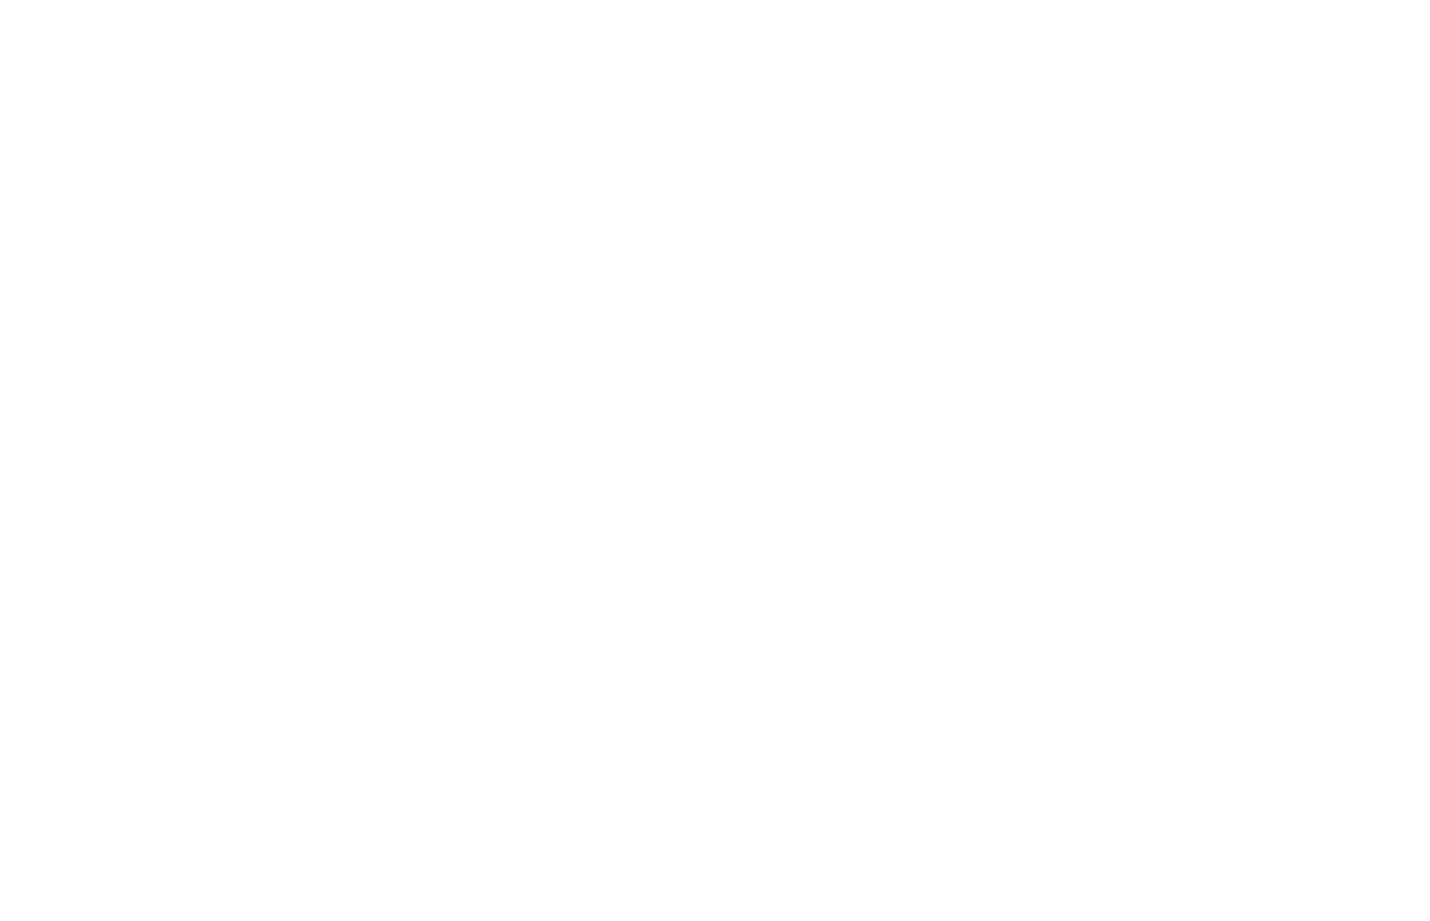 Logo Secrétariat d'état chargé de la transition numérique et des communications électroniques